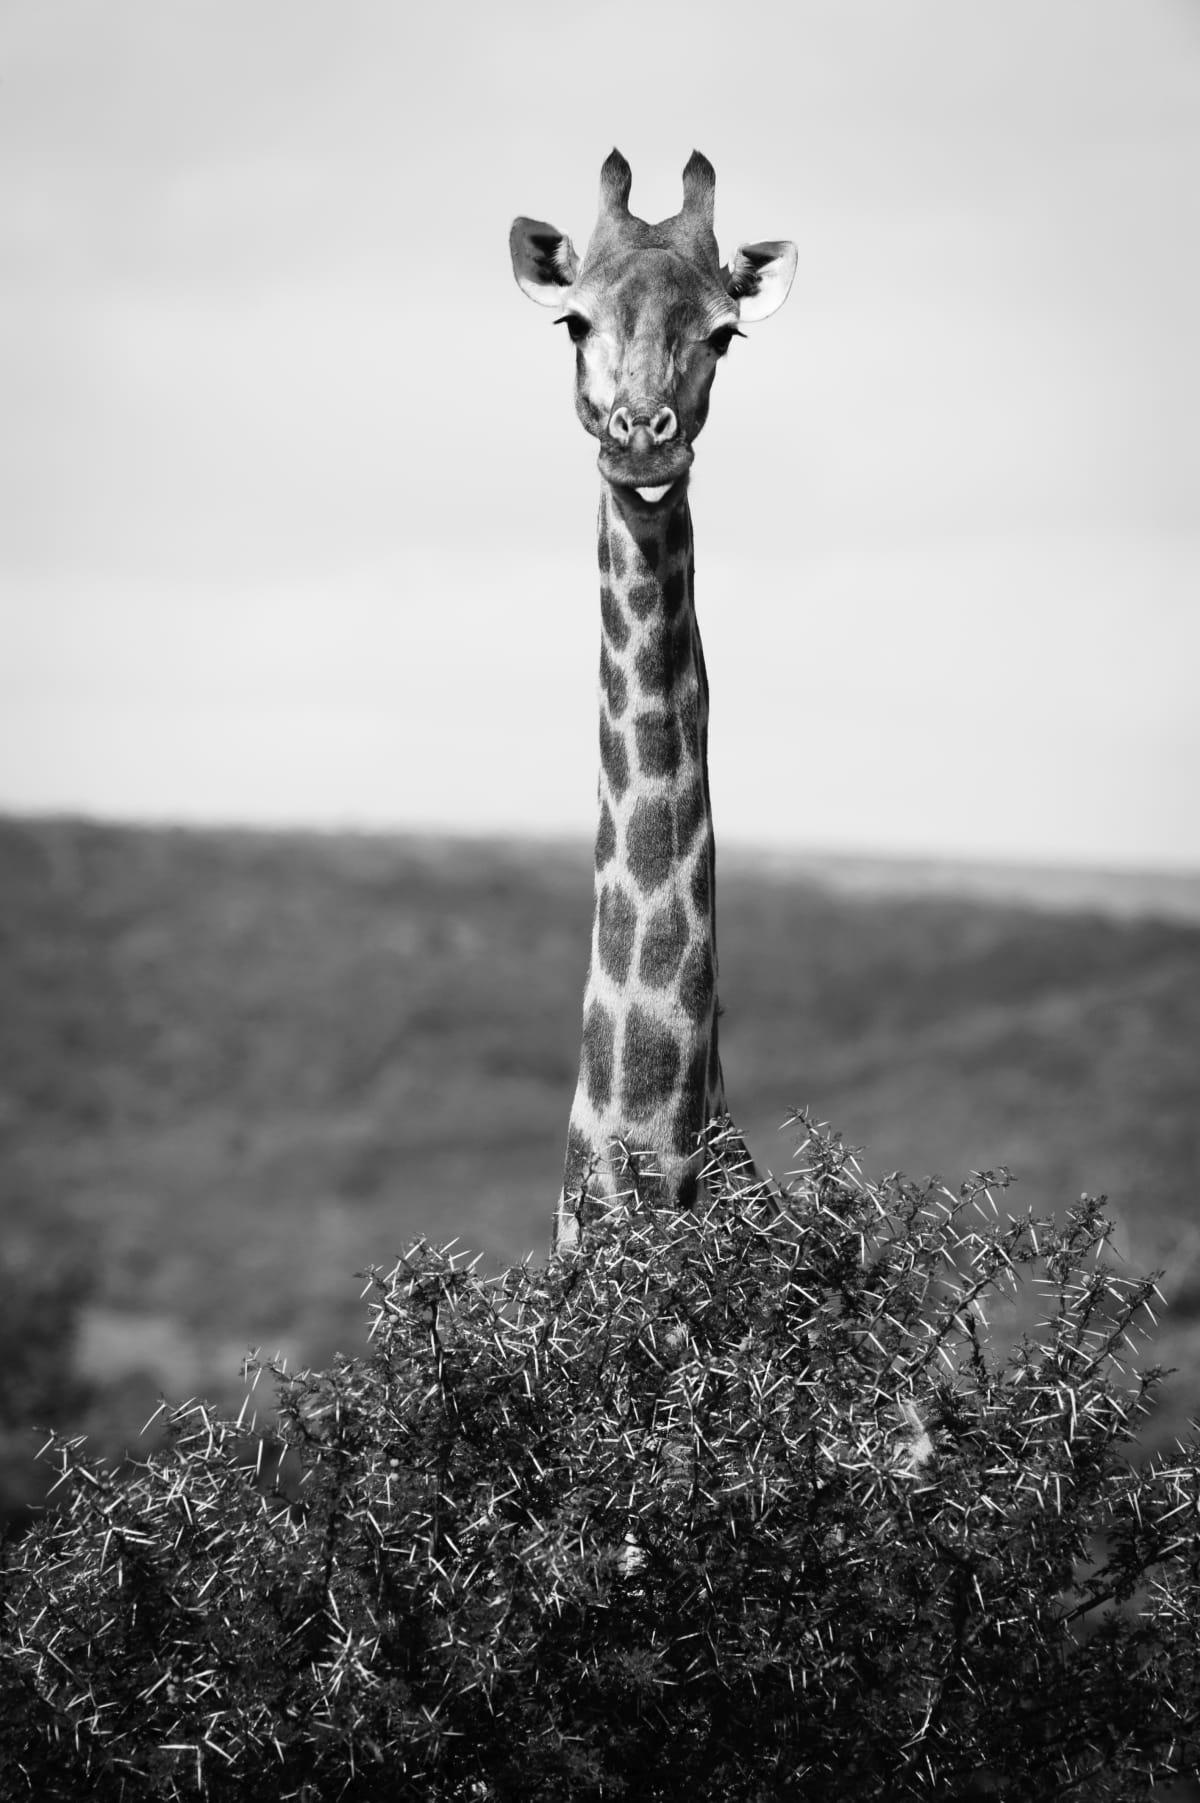 Luciano Candisani, Girafa, África do Sul, 2010